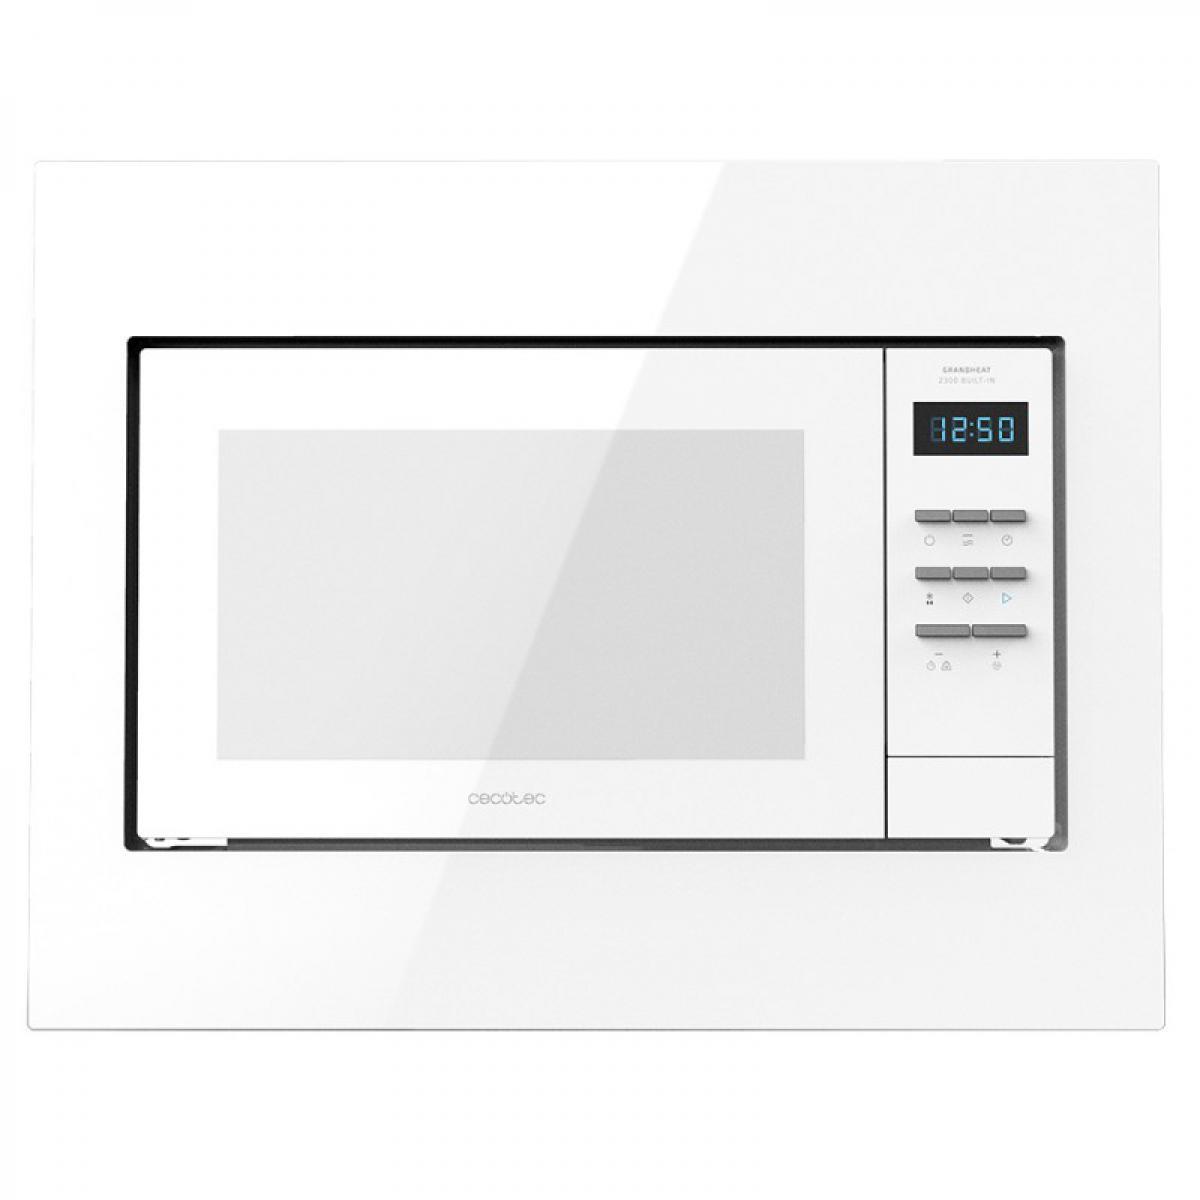 Cecotec Cecotec, Micro-ondes Encastrable numérique, Grandheat 2300 Built-In White, 23 litres, 800 W, Grill, 5 niveaux, 8 Fonctio